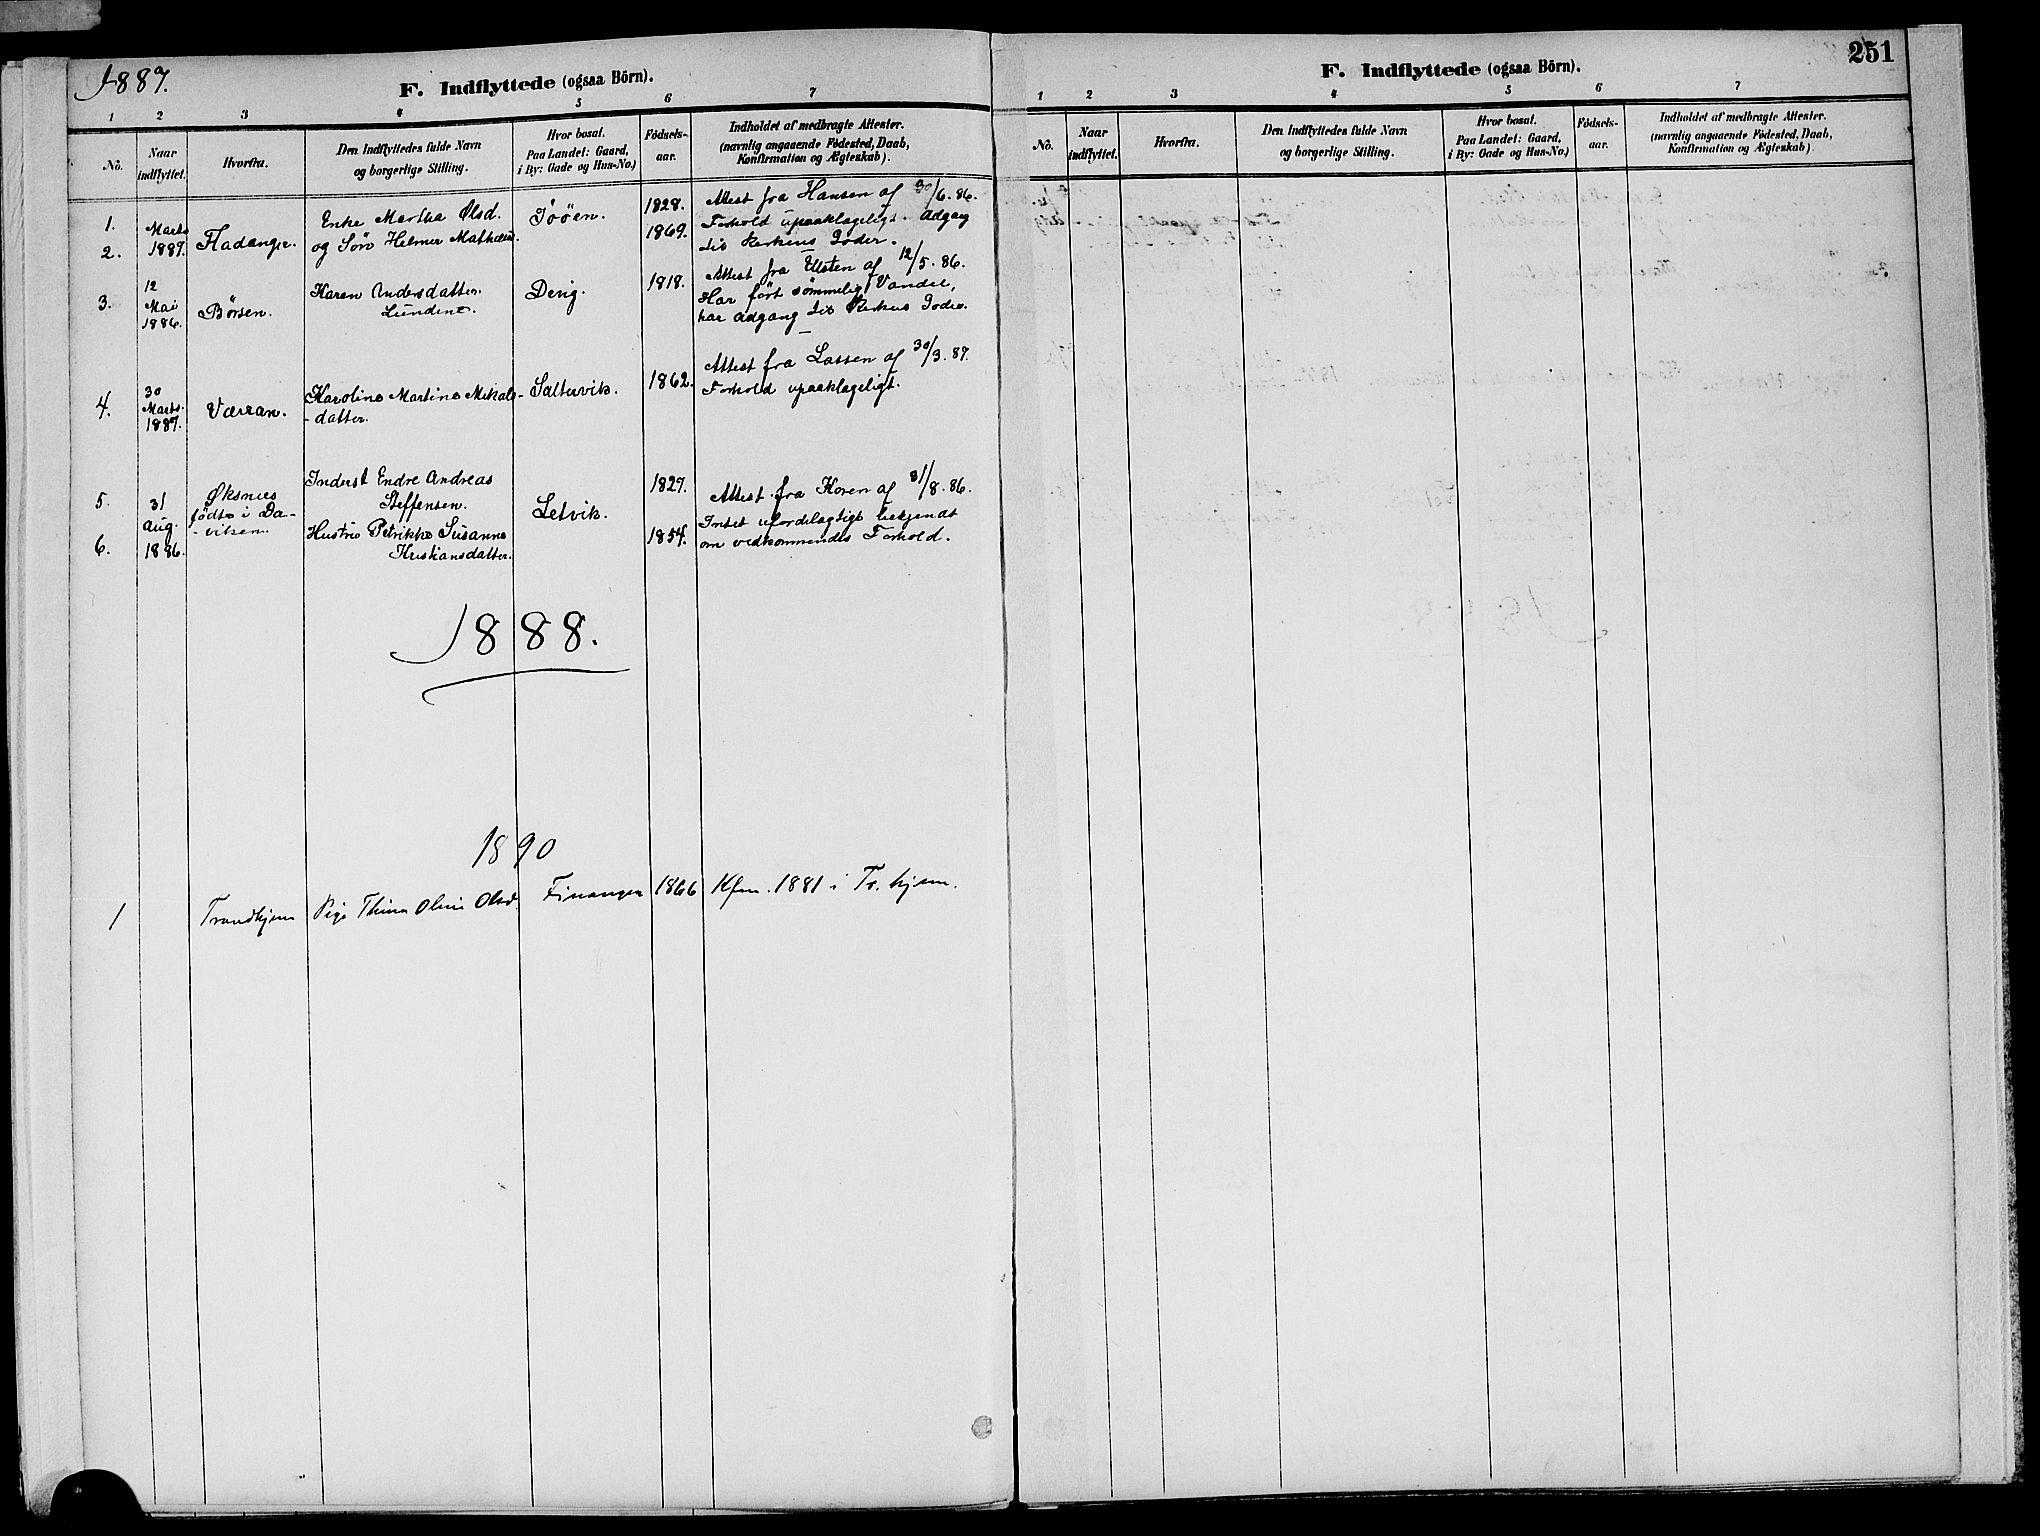 SAT, Ministerialprotokoller, klokkerbøker og fødselsregistre - Nord-Trøndelag, 773/L0617: Ministerialbok nr. 773A08, 1887-1910, s. 251